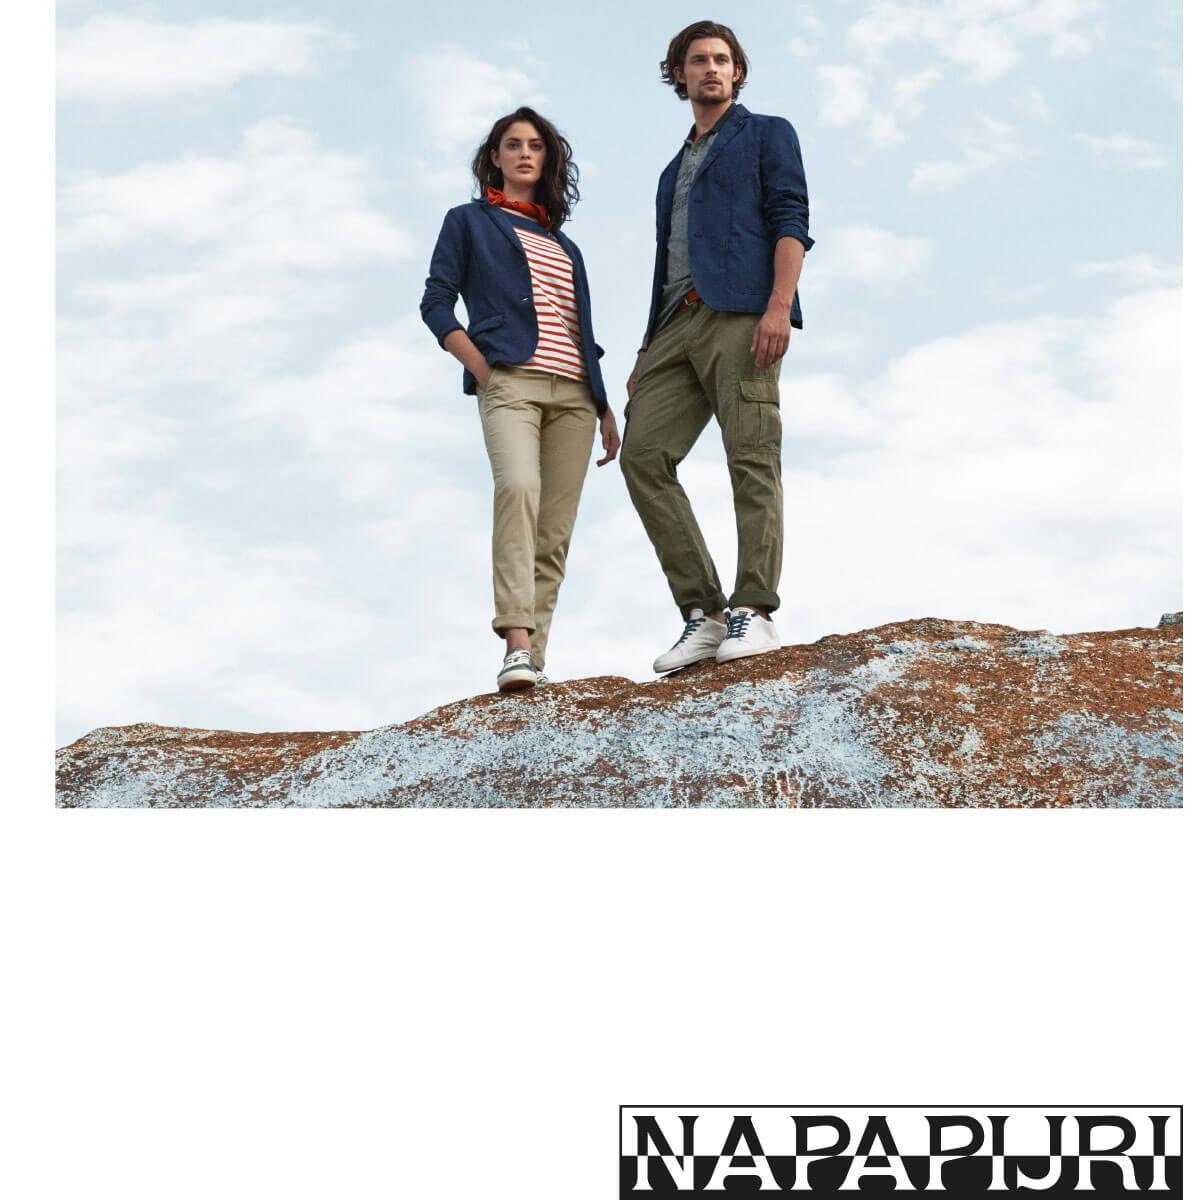 Mann und Frau mit Kleidung von Napapijri